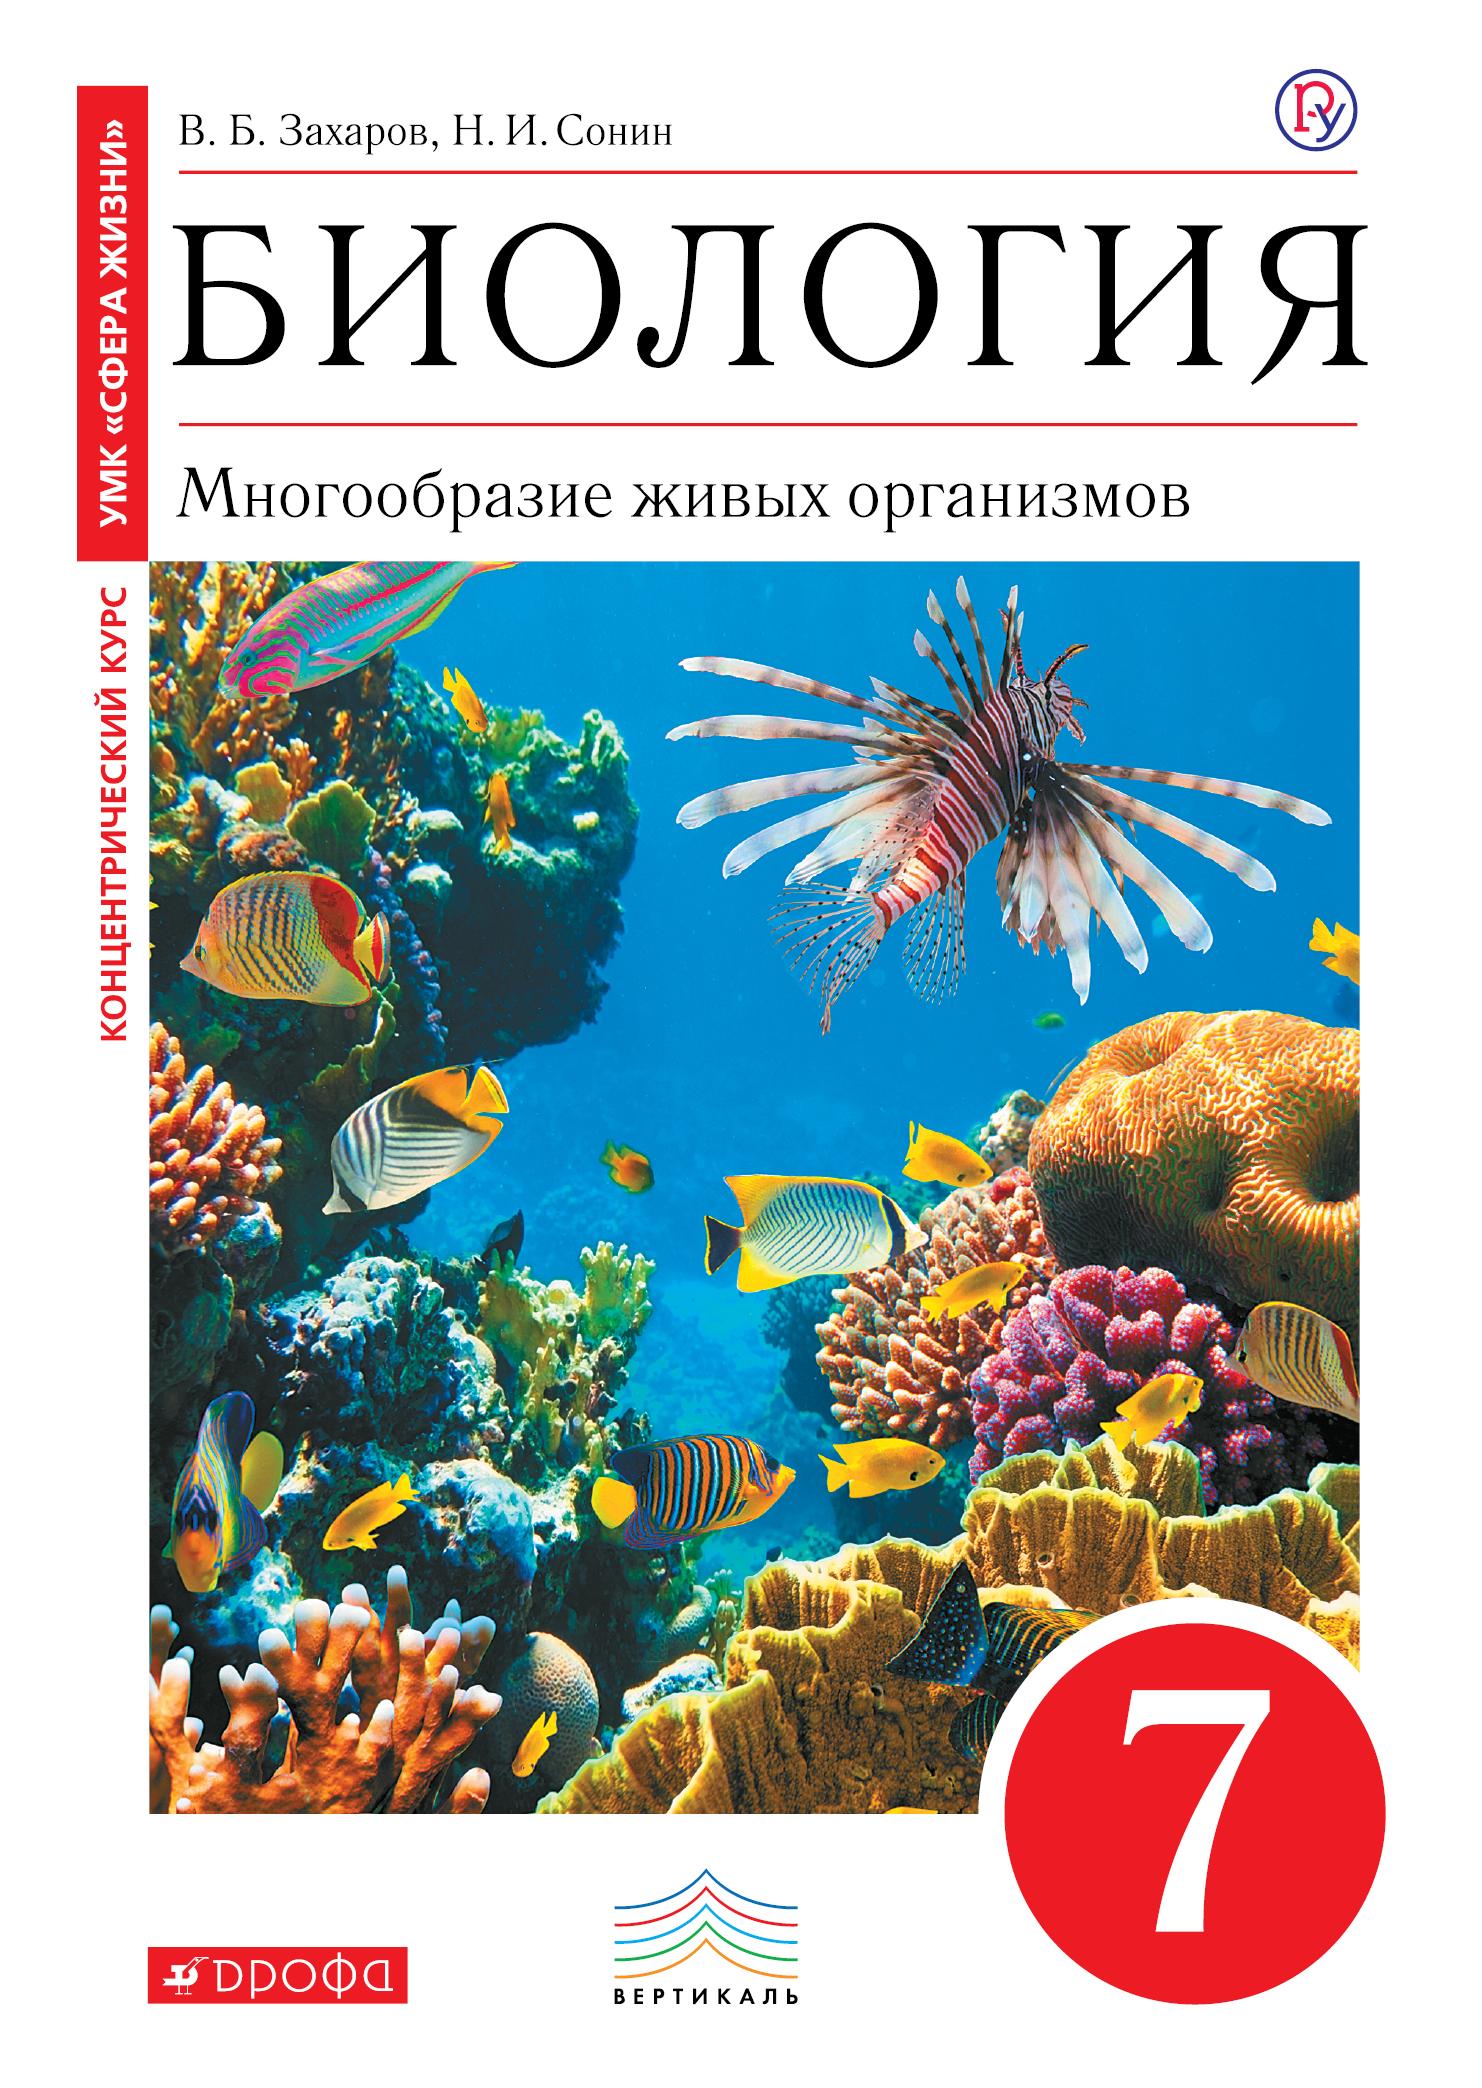 Захаров В.Б., Сонин Н.И. Биология. 7 класс. Многообразие живых организмов. Учебник